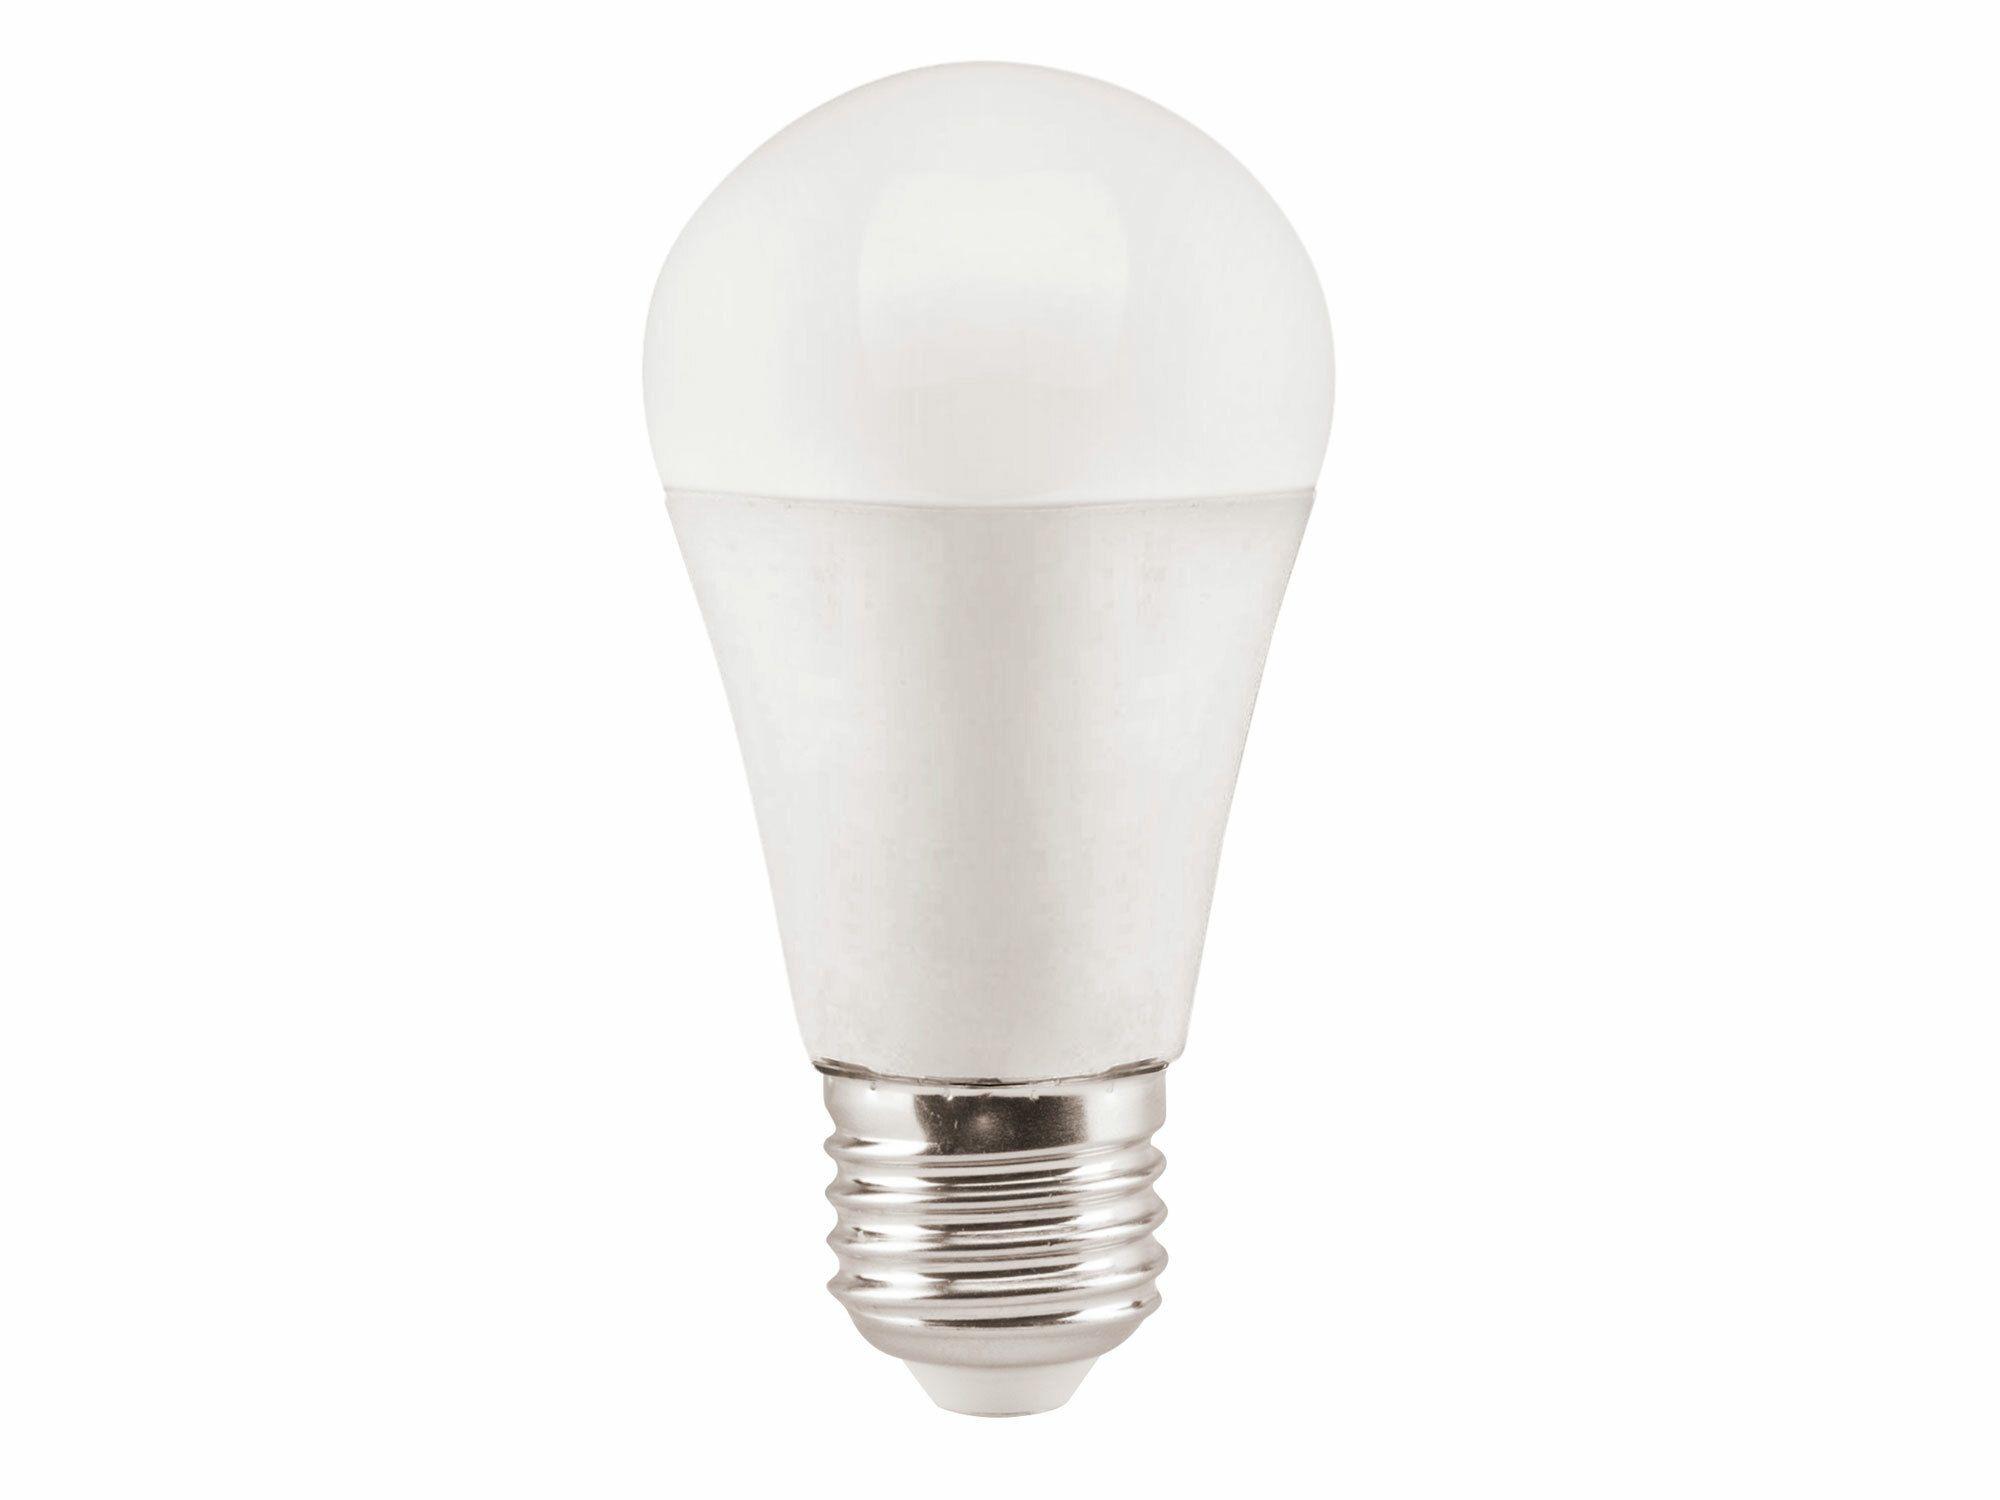 Žárovka LED klasická, 10W, 900lm, E27, teplá bílá EXTOL-LIGHT